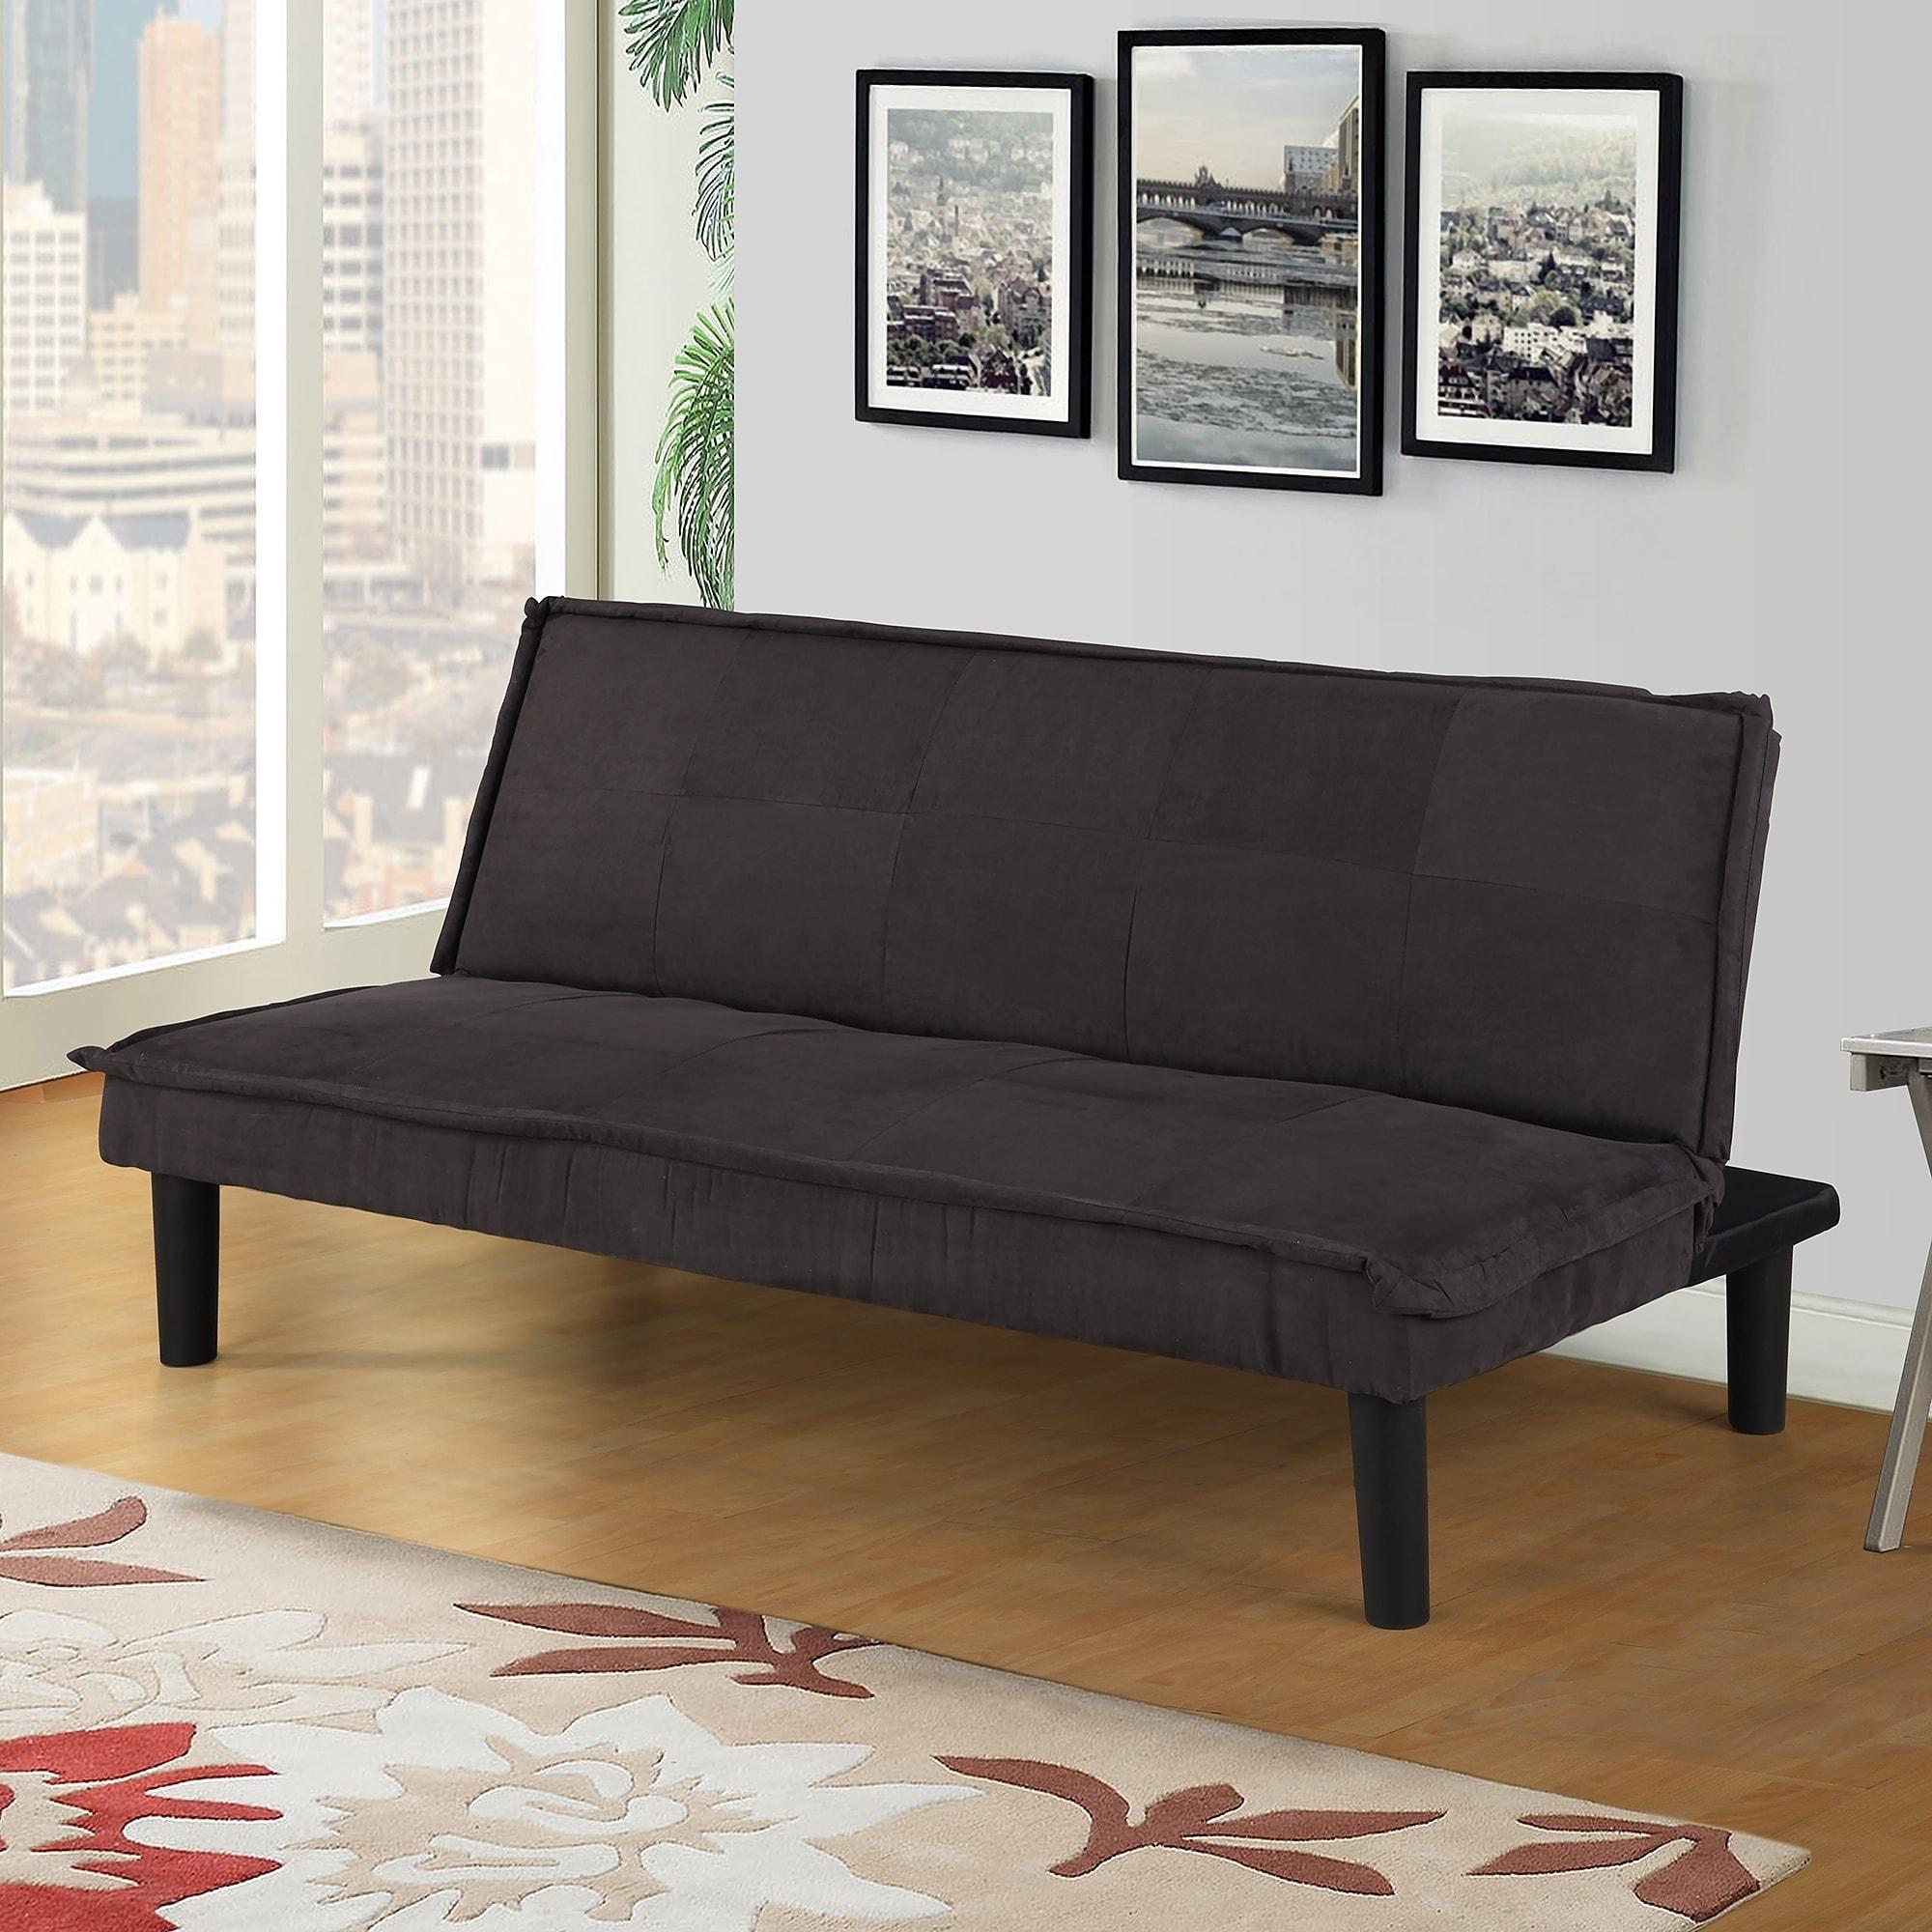 Harper Bright Designs Microfiber Futon Sofa Bed Recliner Couch